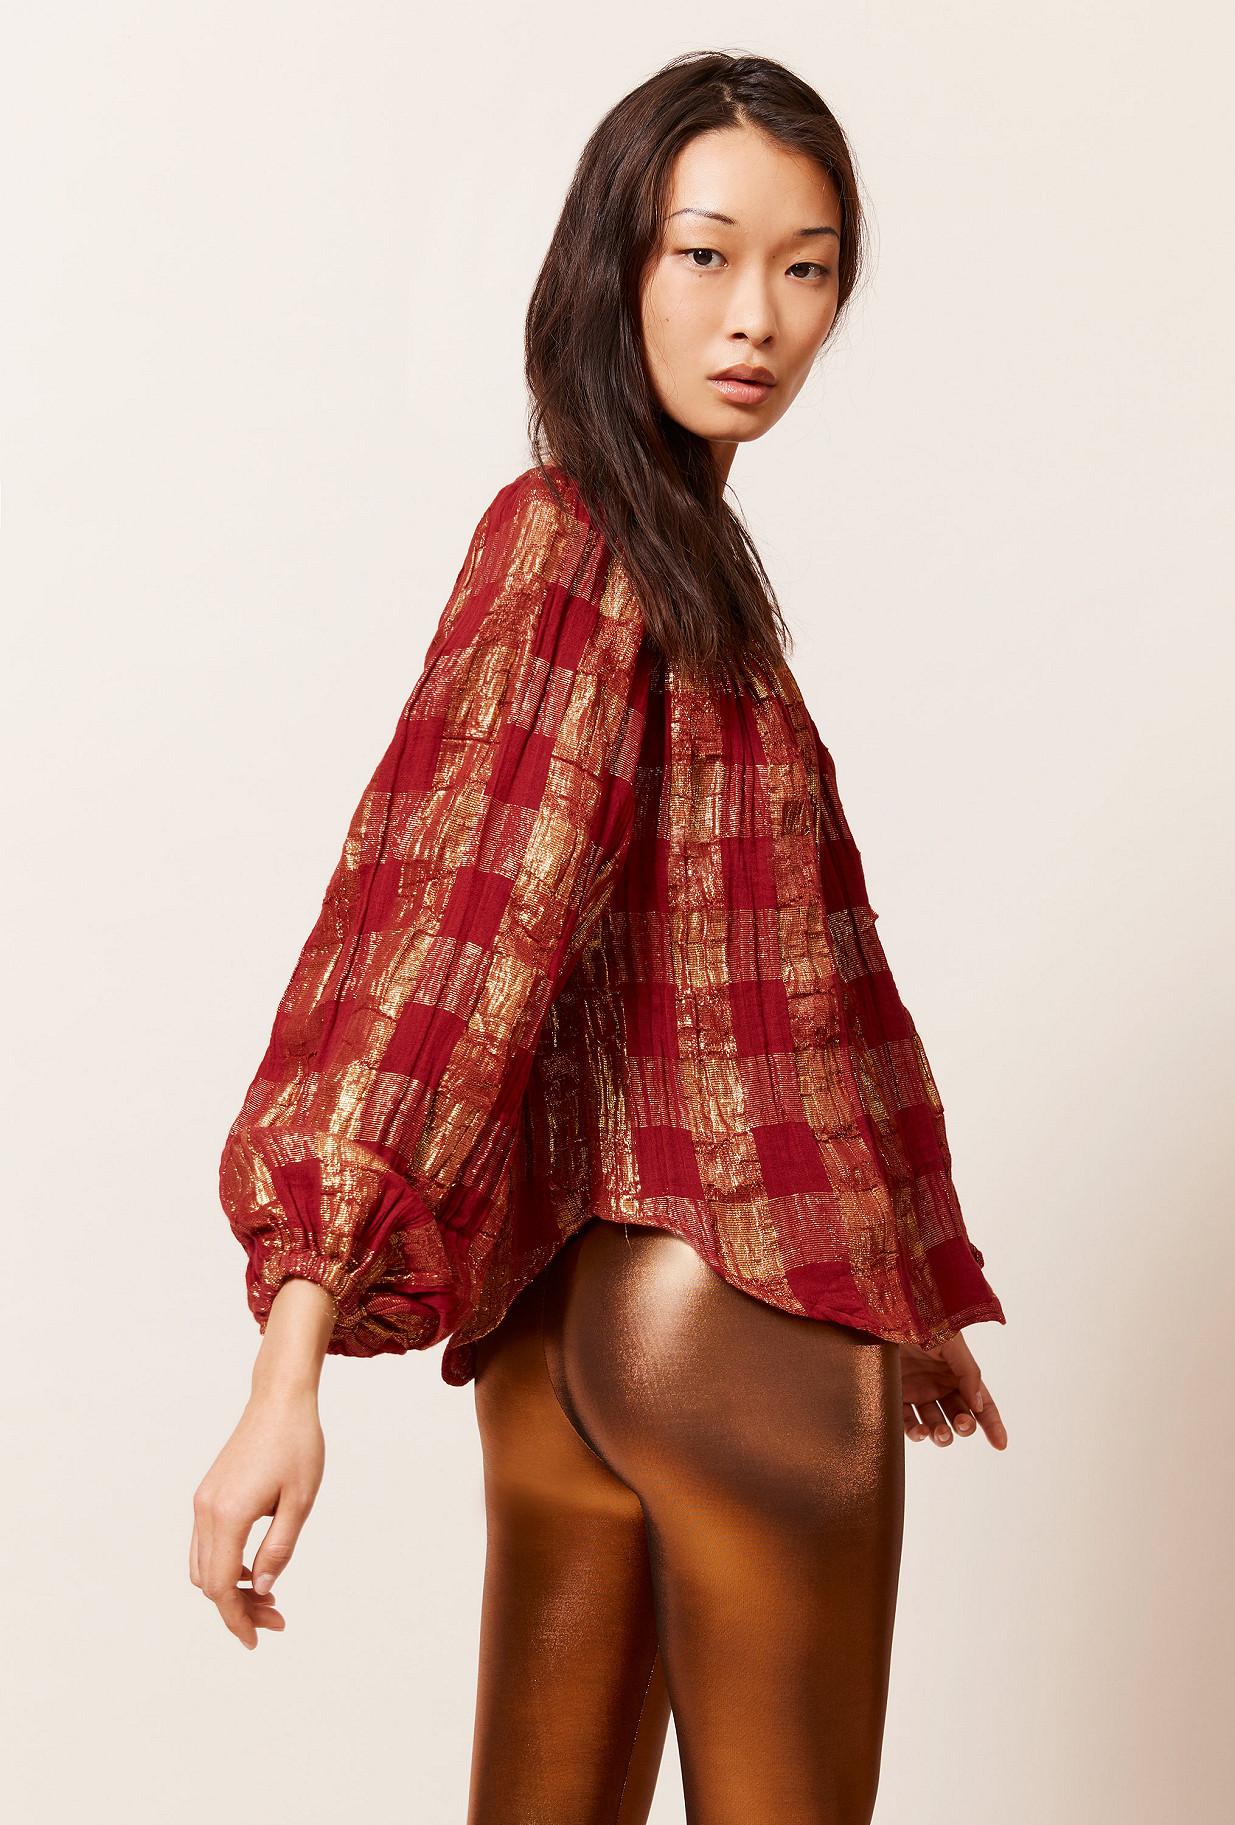 Blouse  Blouse Mojdeh 90%co 10%mtf Pes(at L 100% Co) Mes demoiselles fashion clothes designer Paris